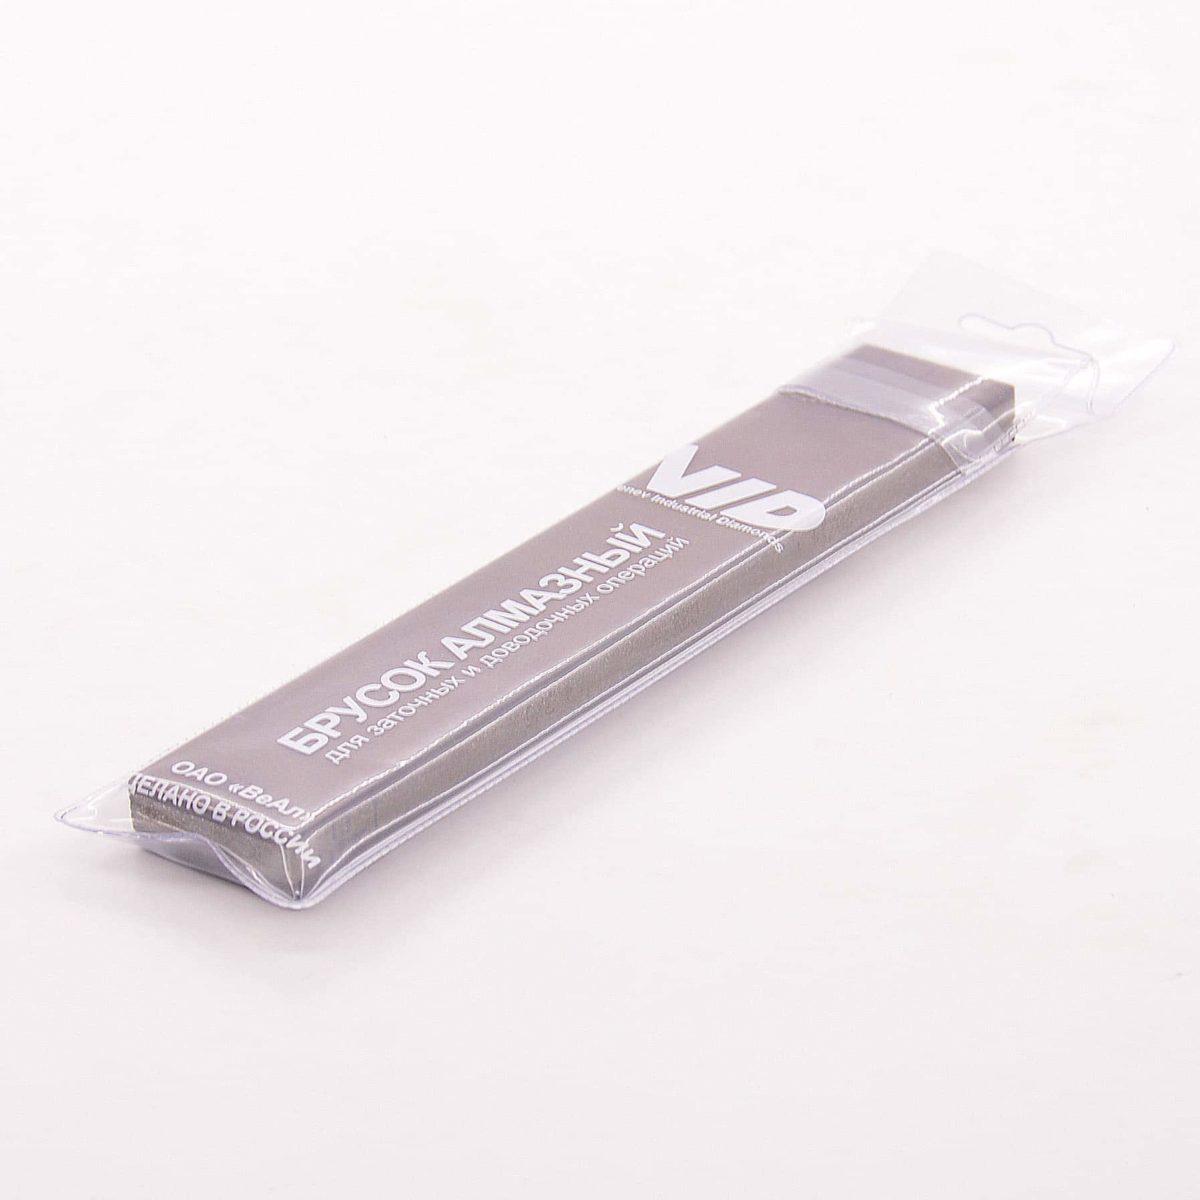 Алмазный 2-х сторонний брусок Венев 3/2-1/0 С25%, 200х35х10 мм